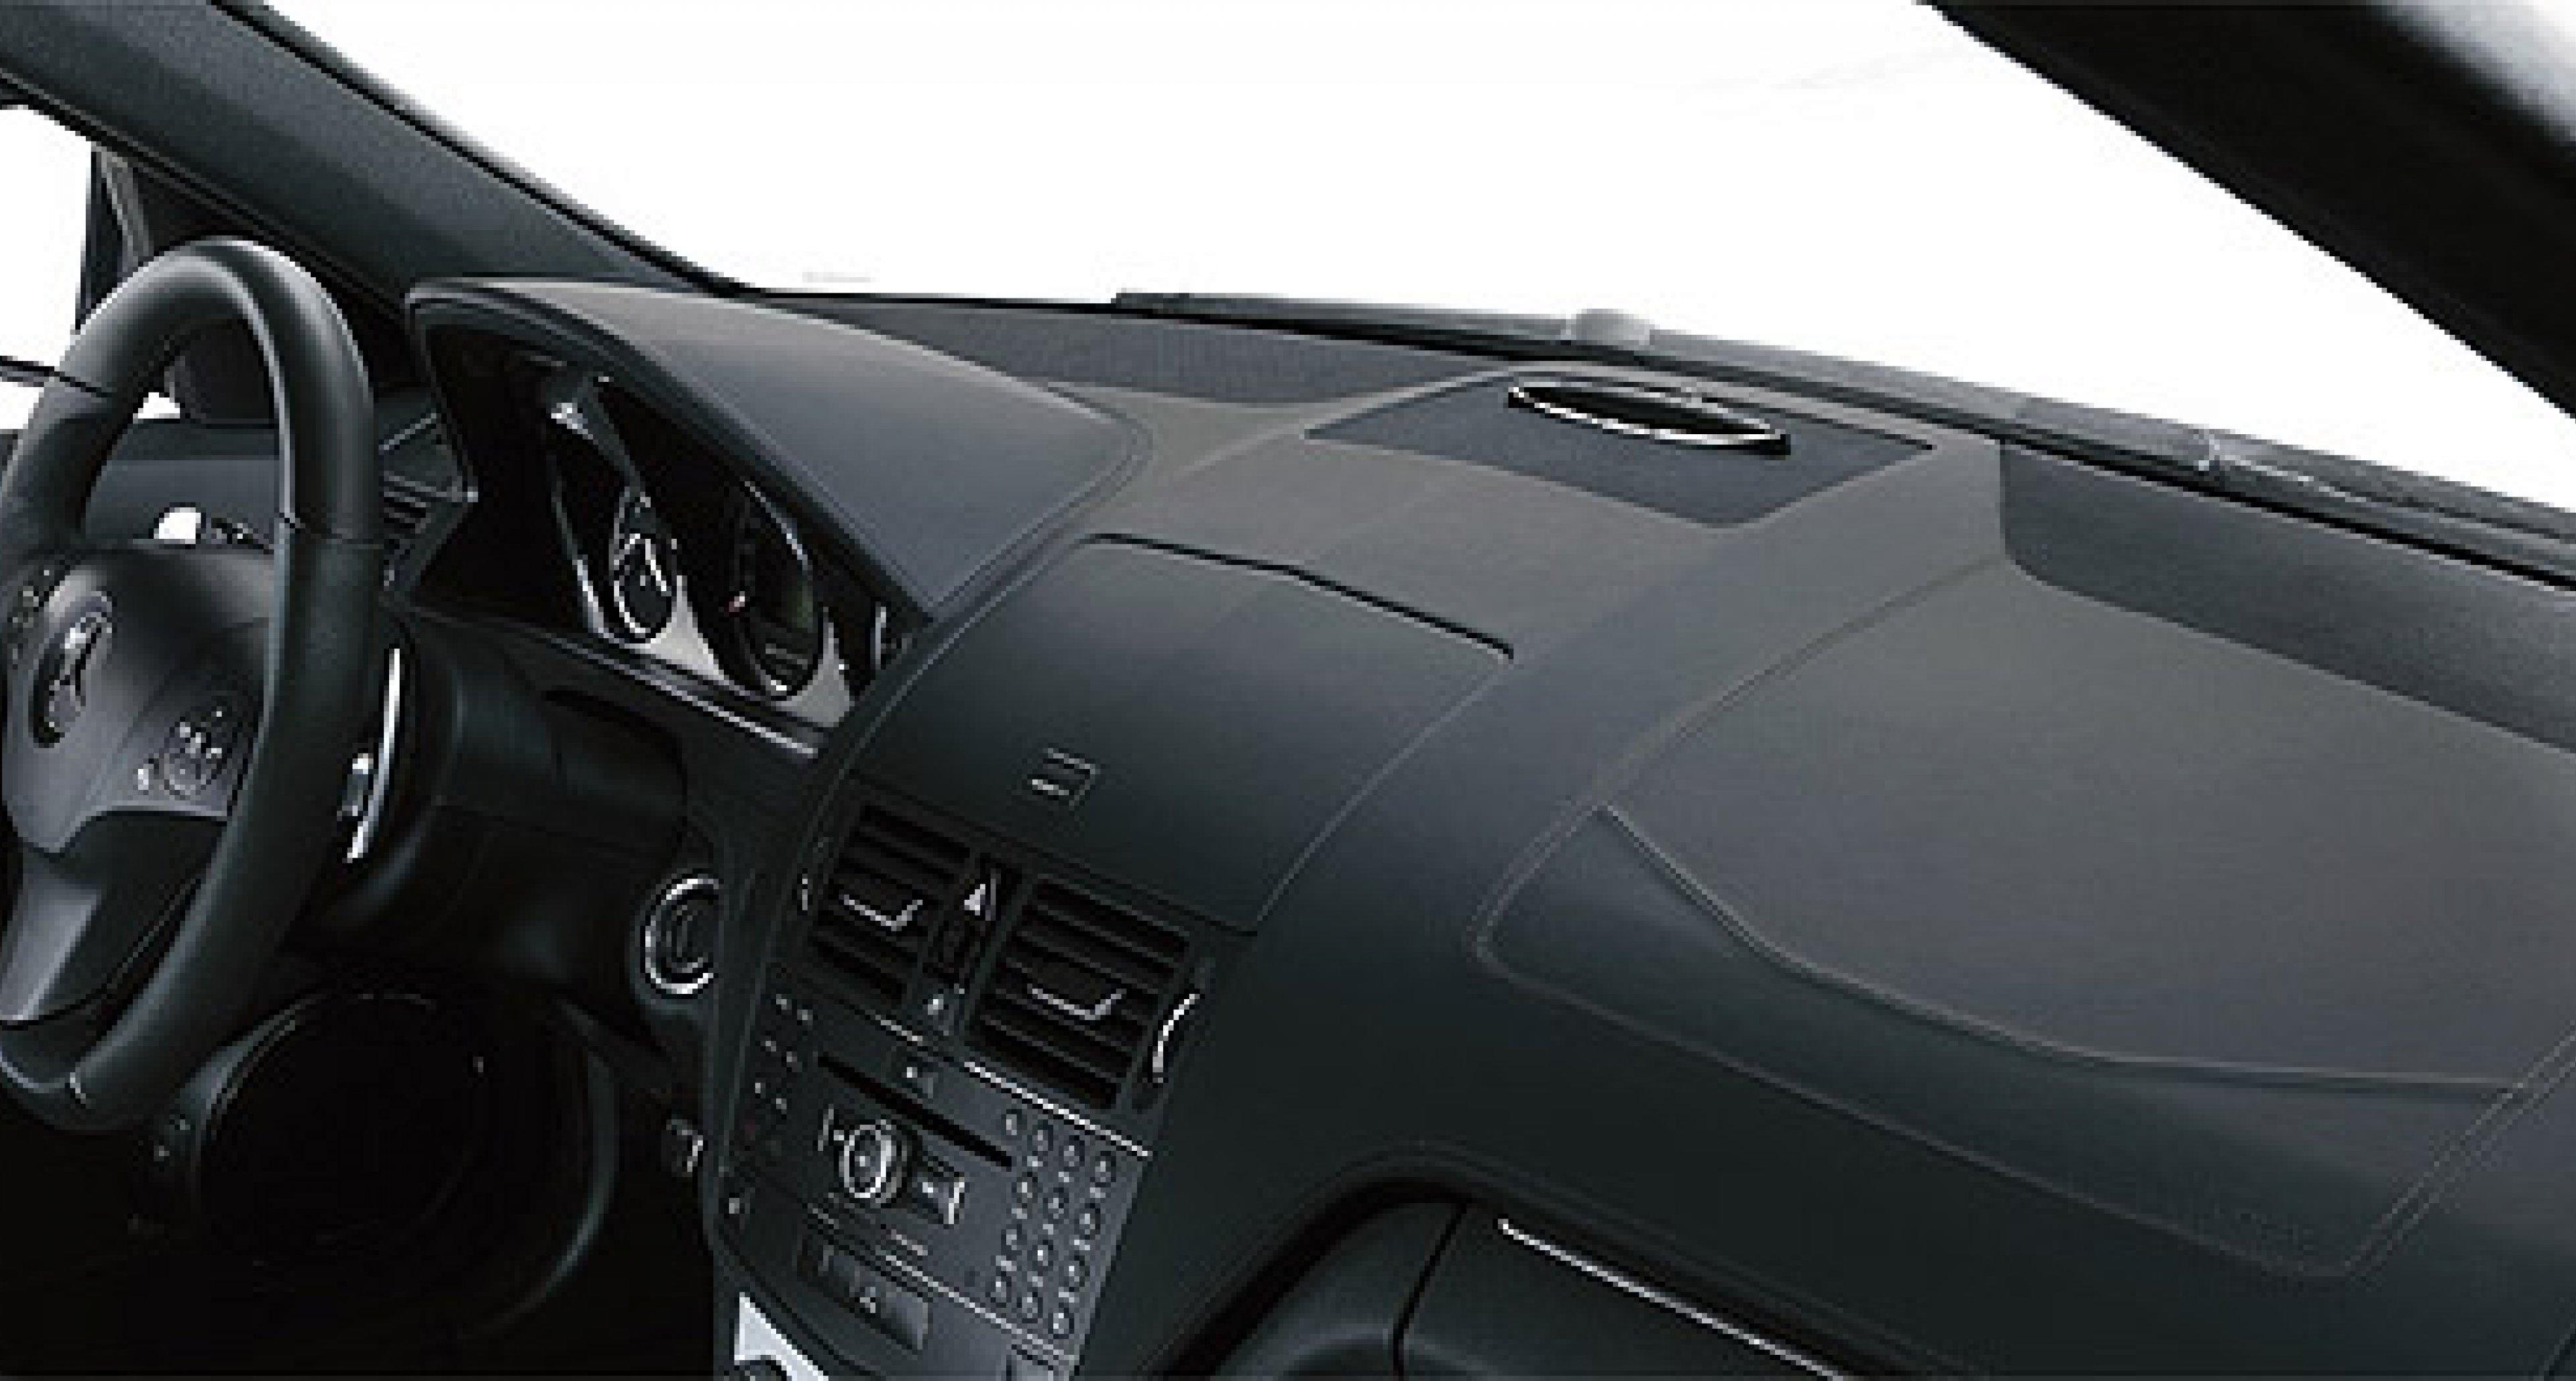 Mercedes-Benz C63 AMG: Leistungs-Plus in SLS-Manier